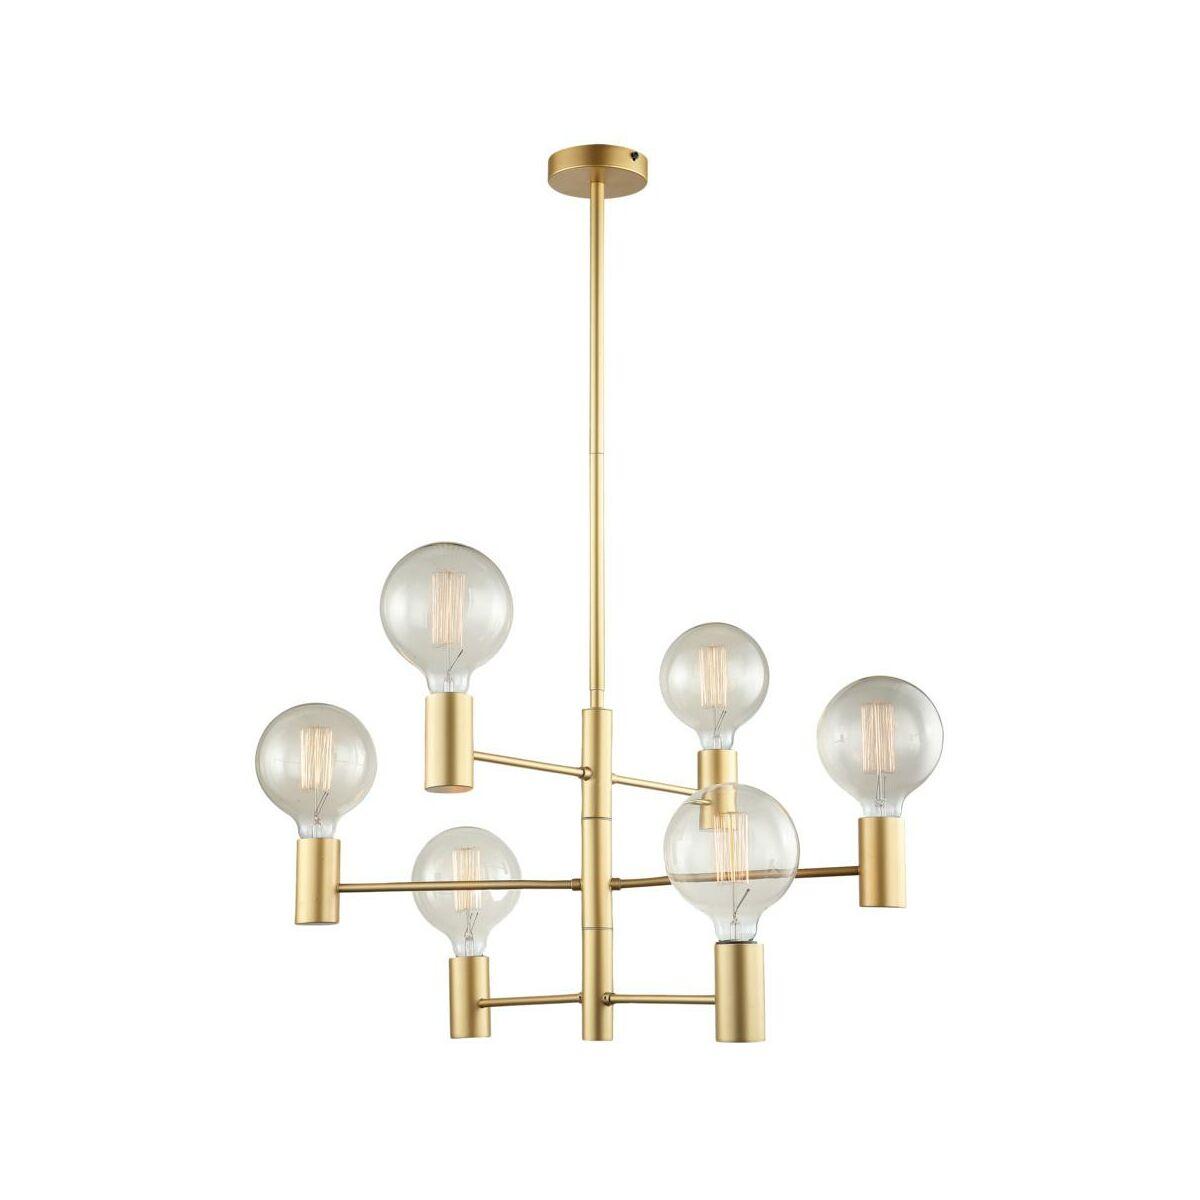 Lampa Wiszaca Veva Zlota E27 Italux Zyrandole Lampy Wiszace I Sufitowe W Atrakcyjnej Cenie W Sklepach Leroy Merlin